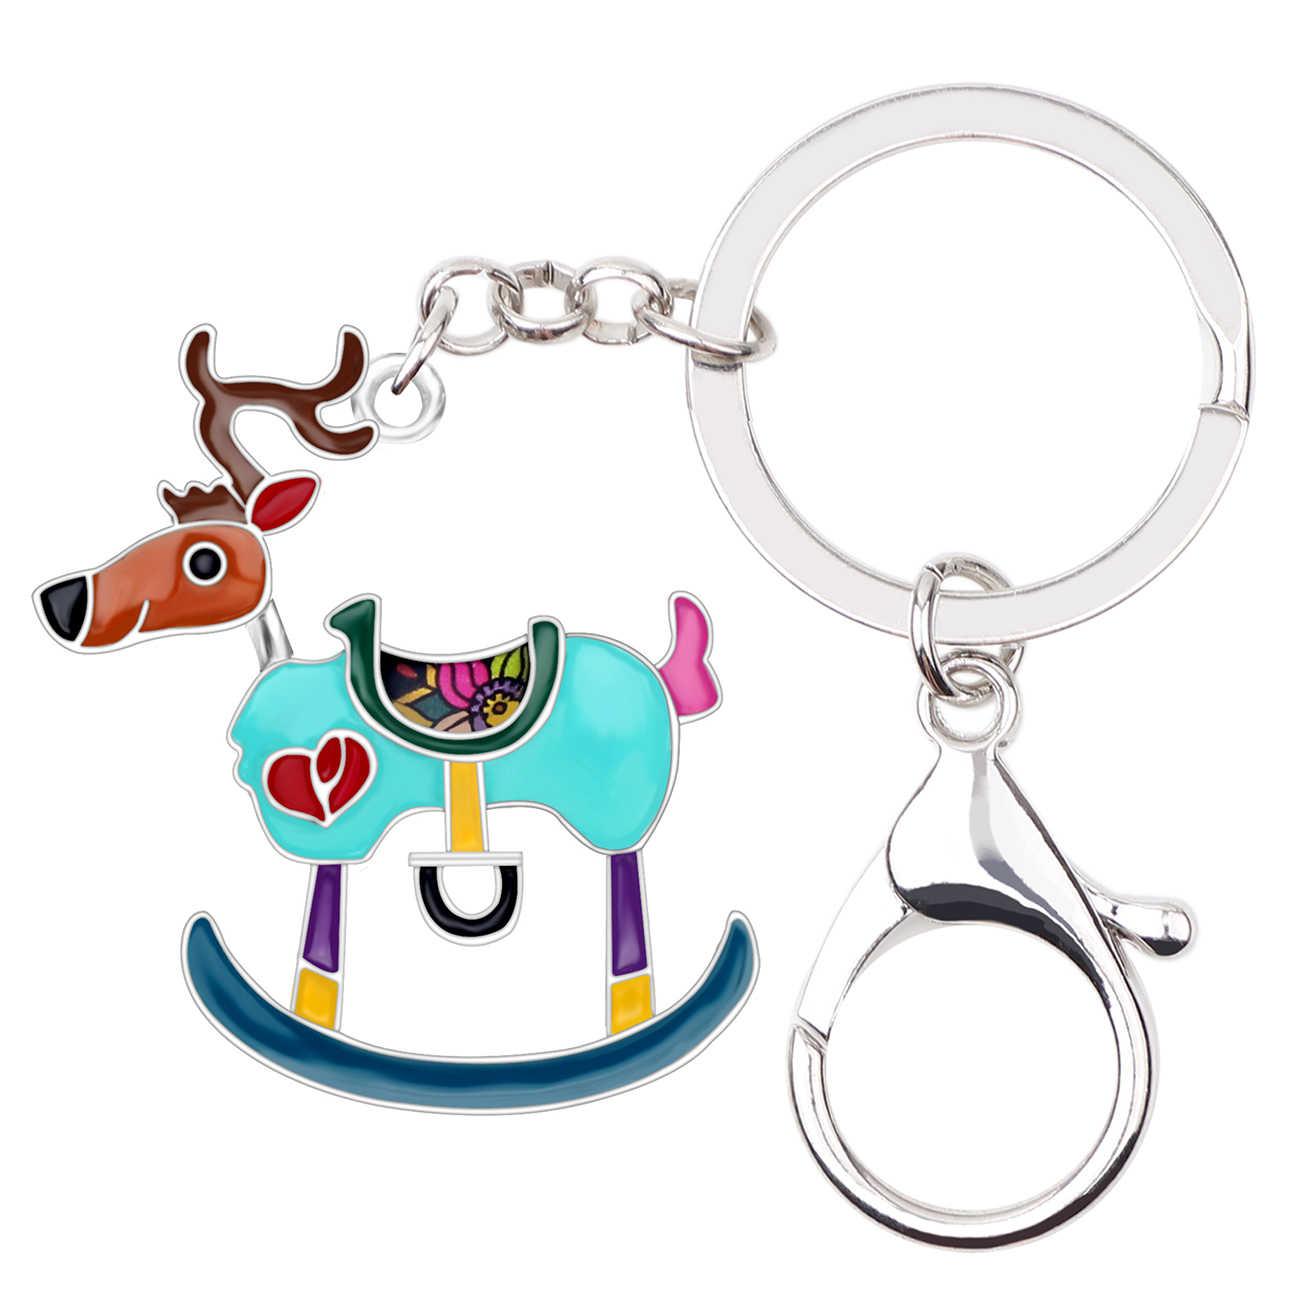 Bonsny эмалированный сплав Рождественский олень Олень брелок кольцо новинка украшения для женщин девочек подростков сумка автомобиль кулон подарки